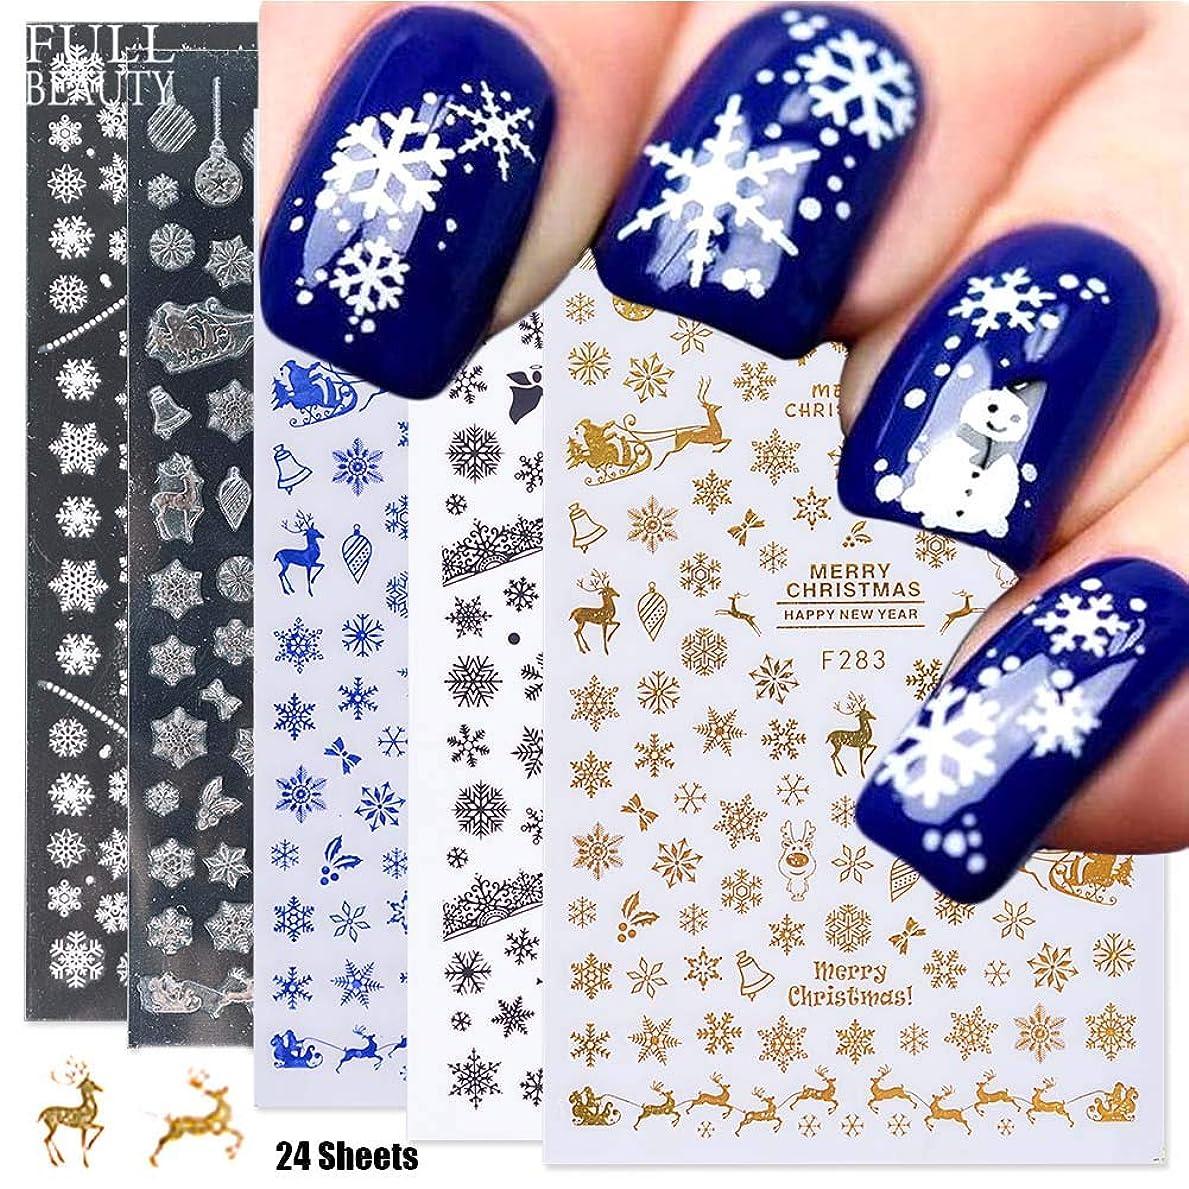 きょうだい画像事故Lookathot 24枚の3Dネイルアートステッカーデカールクリスマス雪の花柄のブラックホワイトゴールドシルバーカラフルなフローラルDIYの装飾アクセサリーマニキュアツール